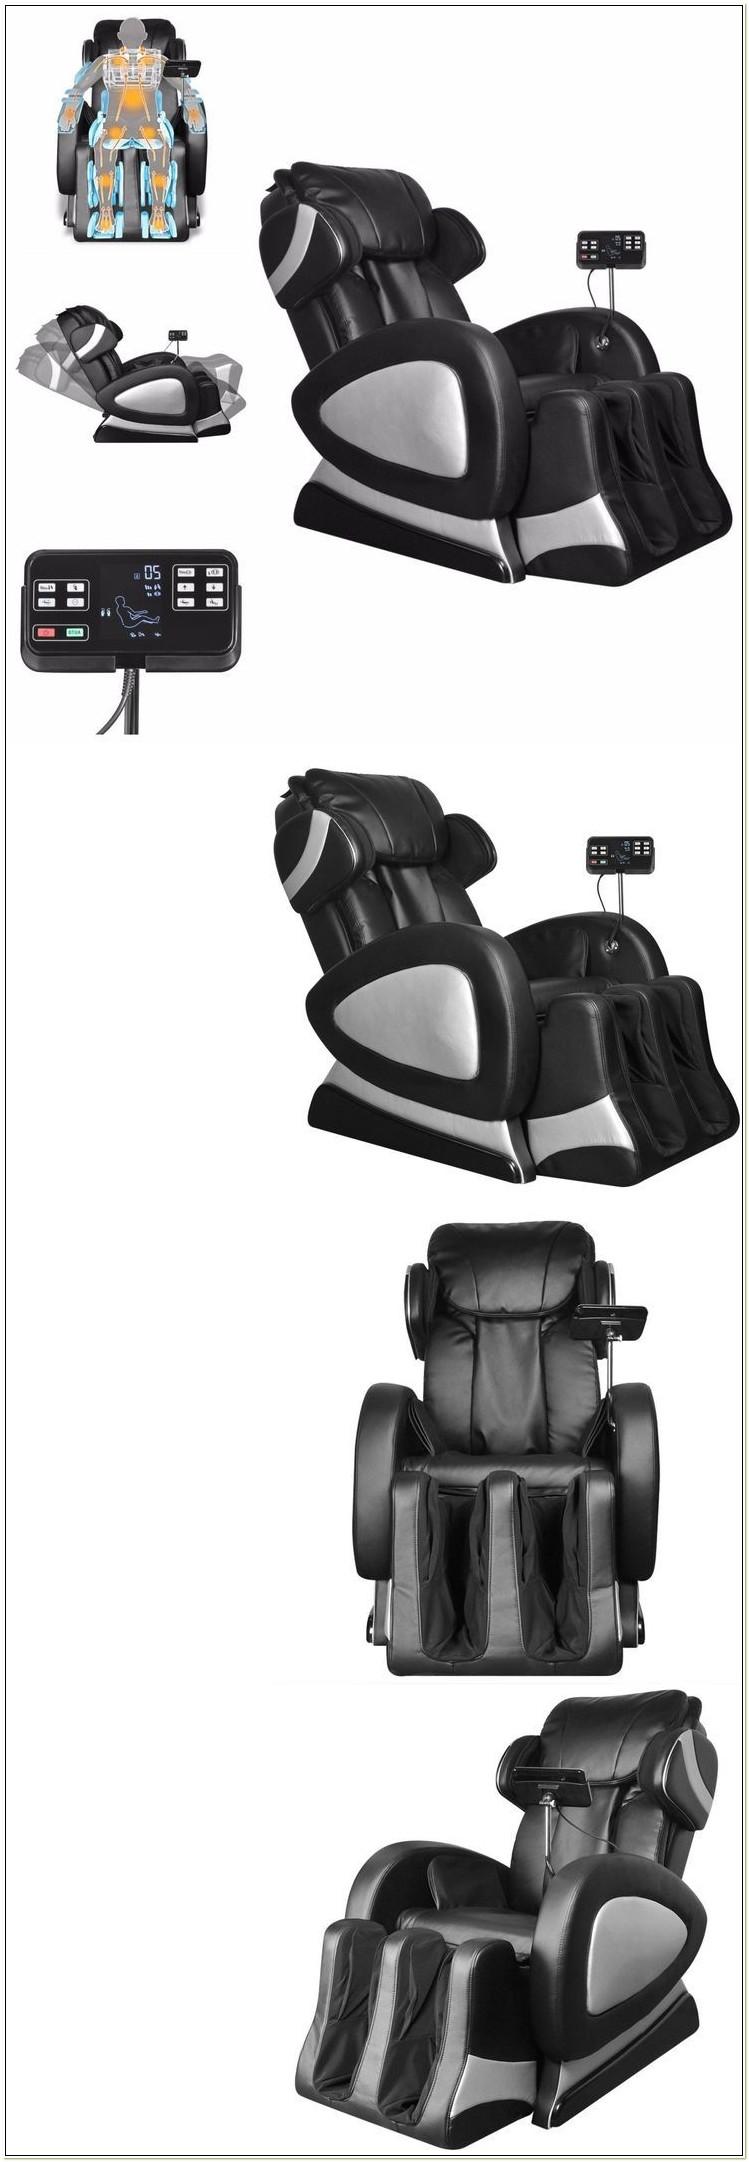 Back Pain After Shiatsu Massage Chair